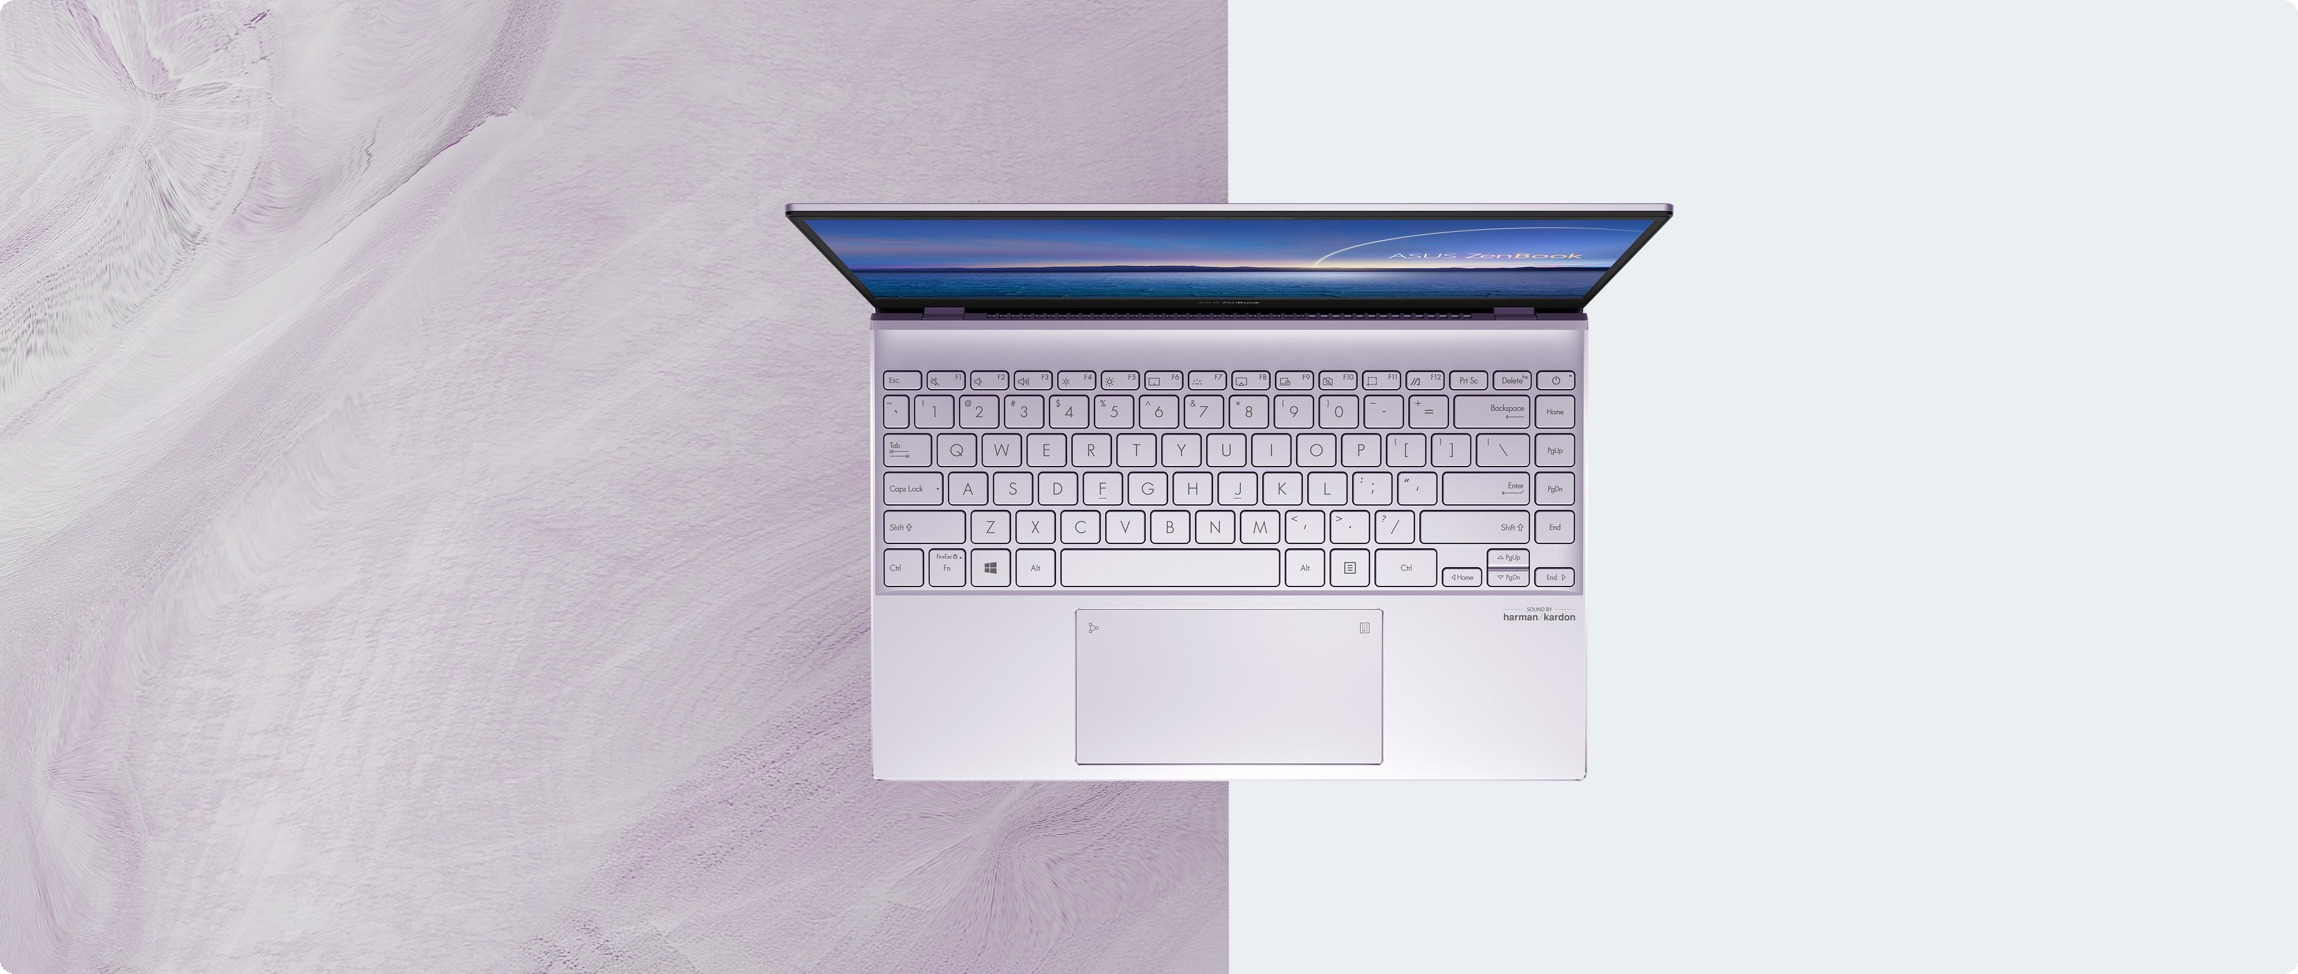 Laptop ASUS ZenBook 13 UX325EA-EG081T có thiết kế bàn phím công thái học